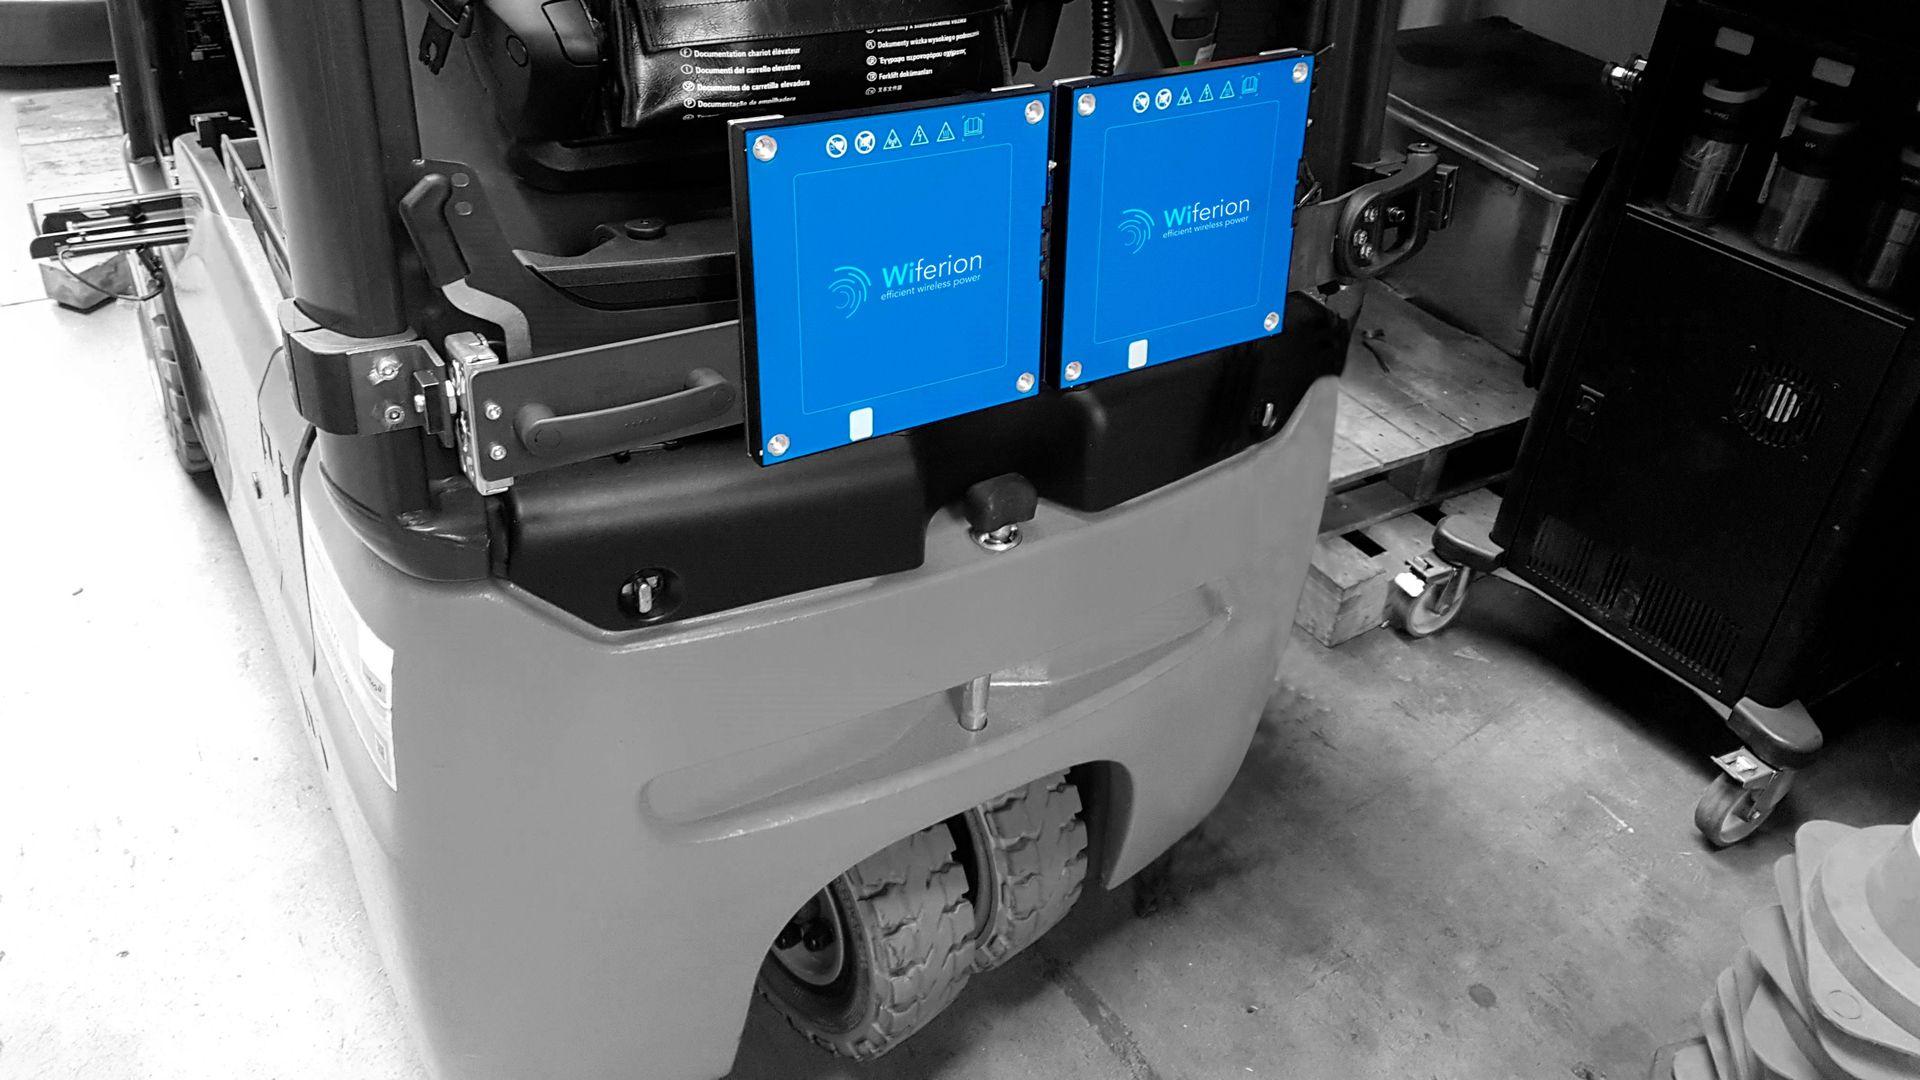 lindig klapparm kabelos laden wiferion 6kw induktiv nachruesten retrofit wireless charging application